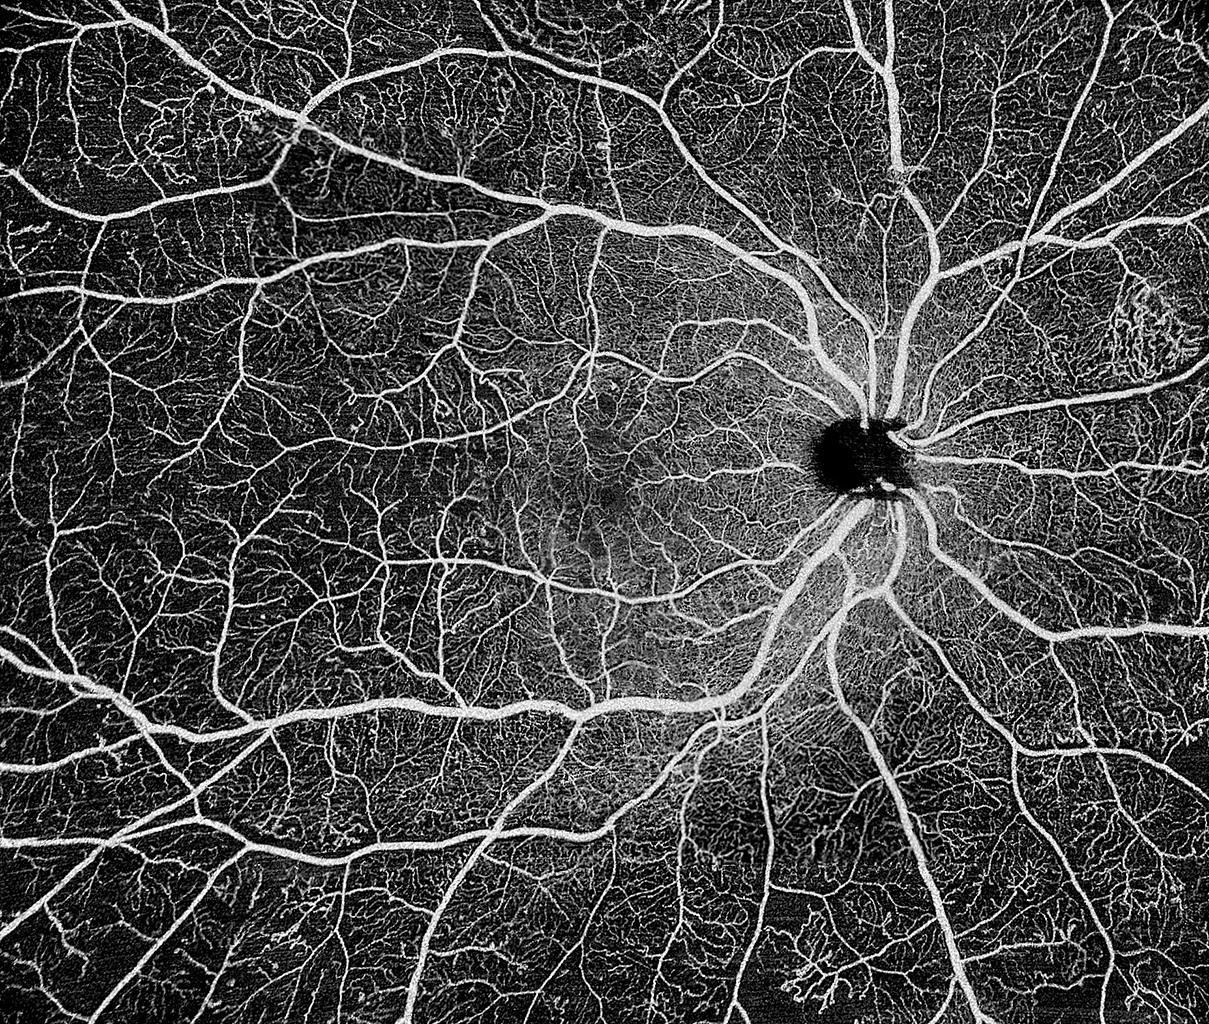 专注高端眼科影像设备,「视微影像」完成超亿元B轮融资